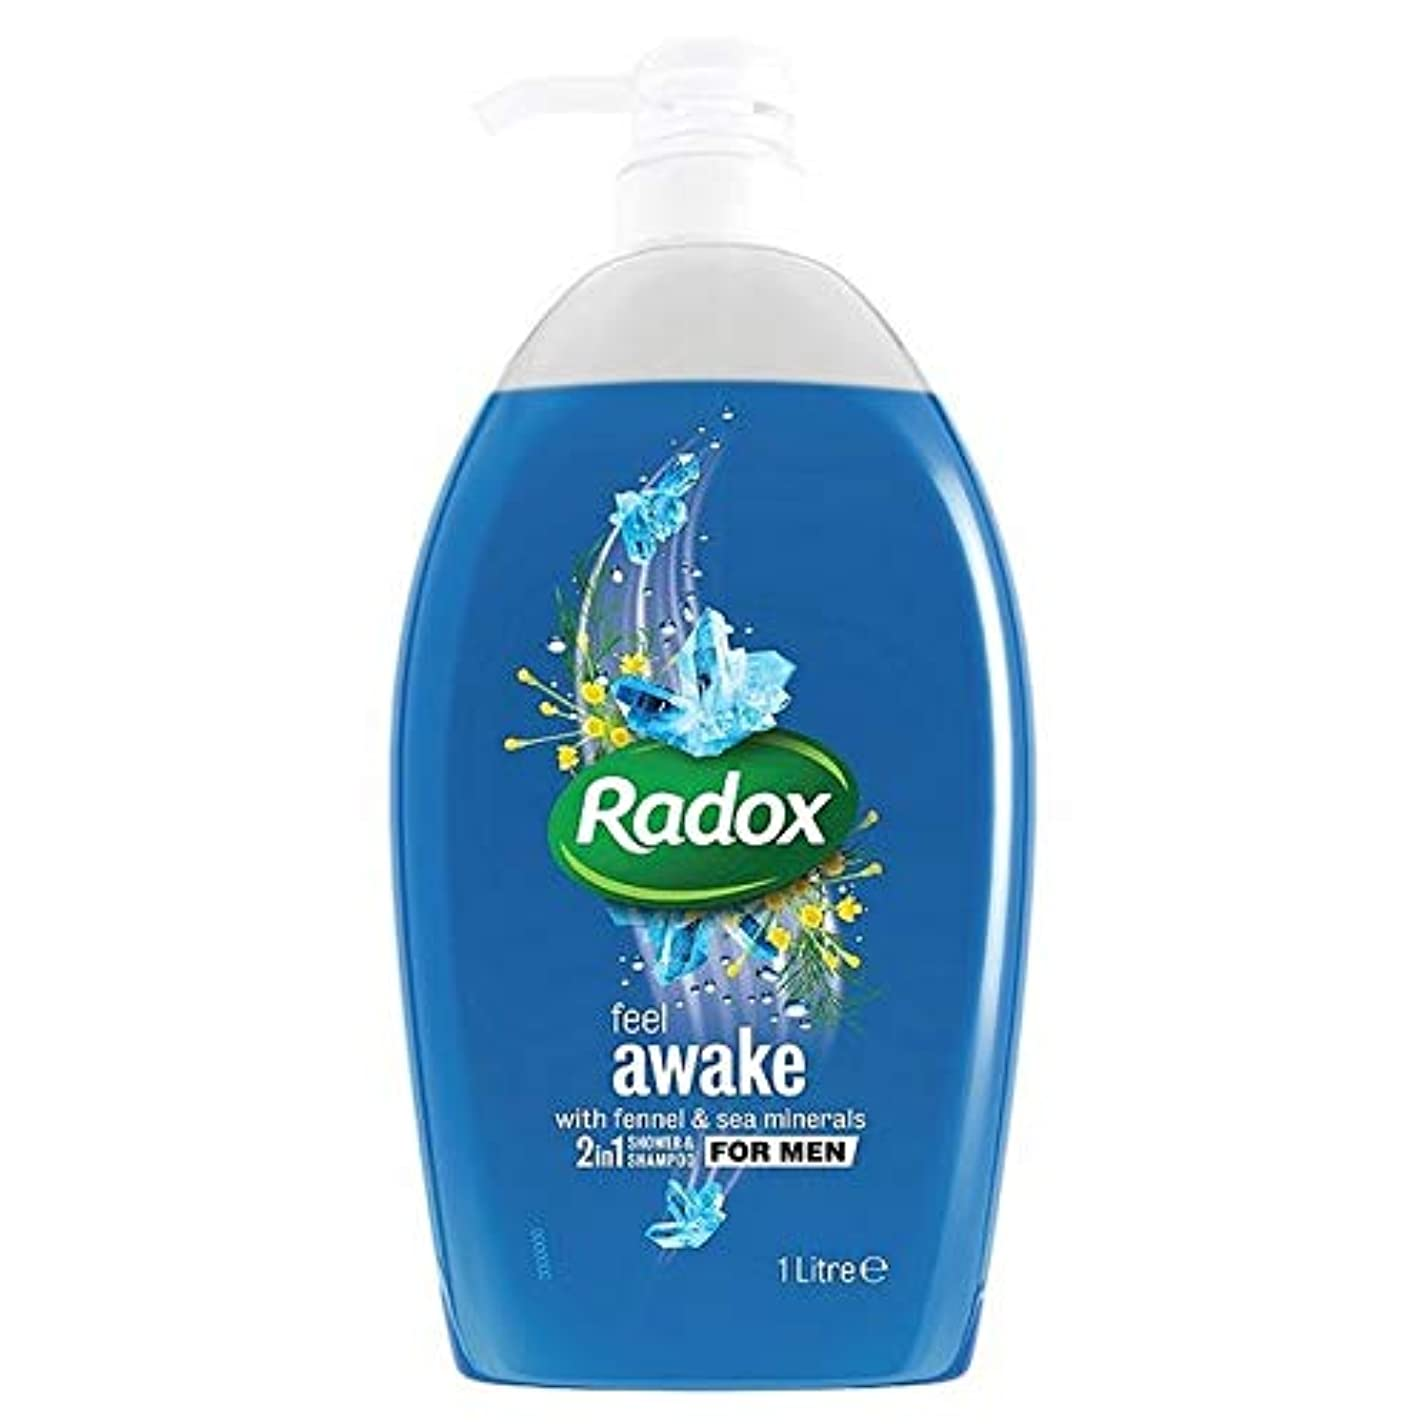 マイルお祝いマングル[Radox] Radoxは男性の2In1シャワーゲル1リットル用起き感じます - Radox Feel Awake for Men 2in1 Shower Gel 1L [並行輸入品]